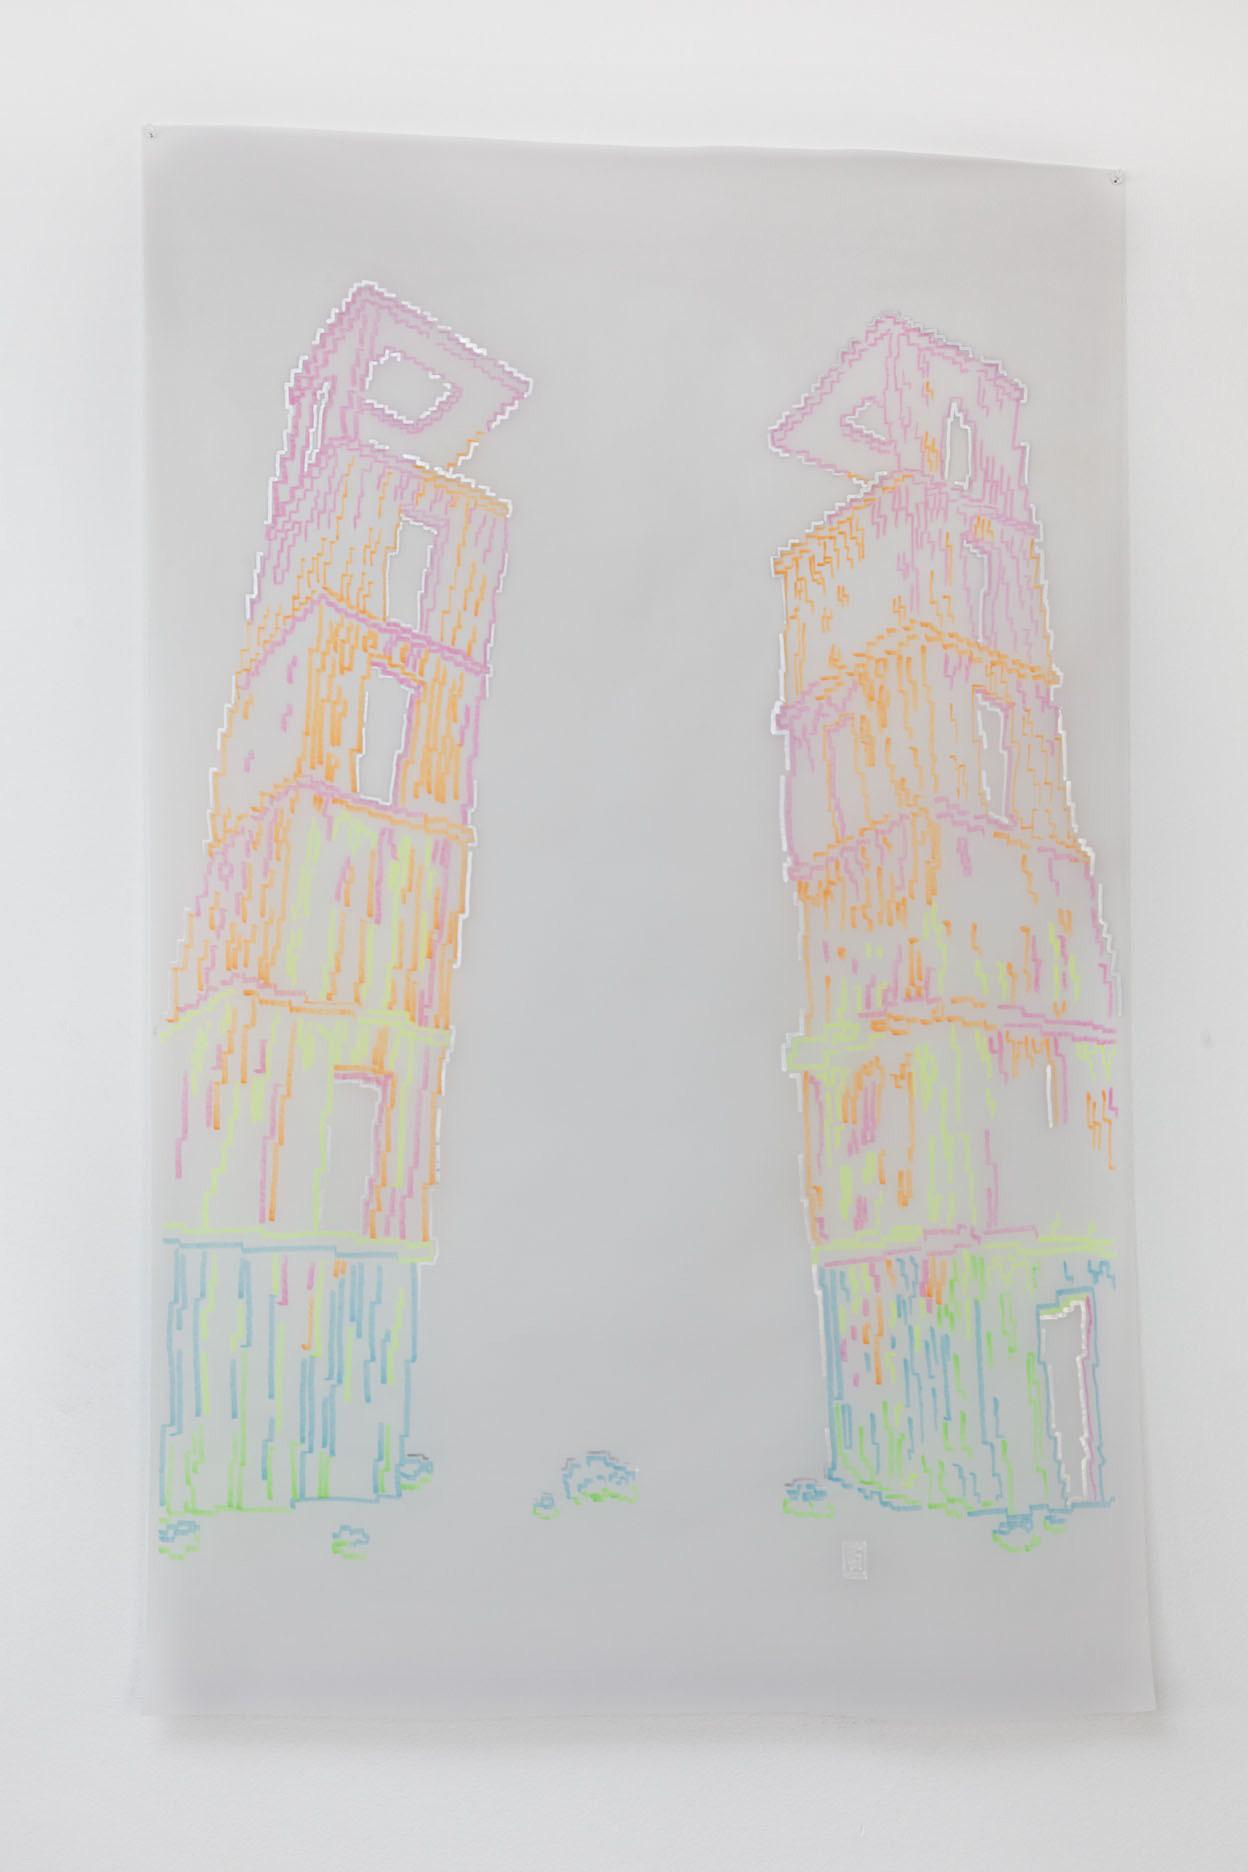 Michele Chiossi Estetico diffuso, 2014   evidenziatori e pigmento d'argento su carta da lucido   130x90 cm  disegno Anselm Kiefer Hangar Bicocca Milano zigzag